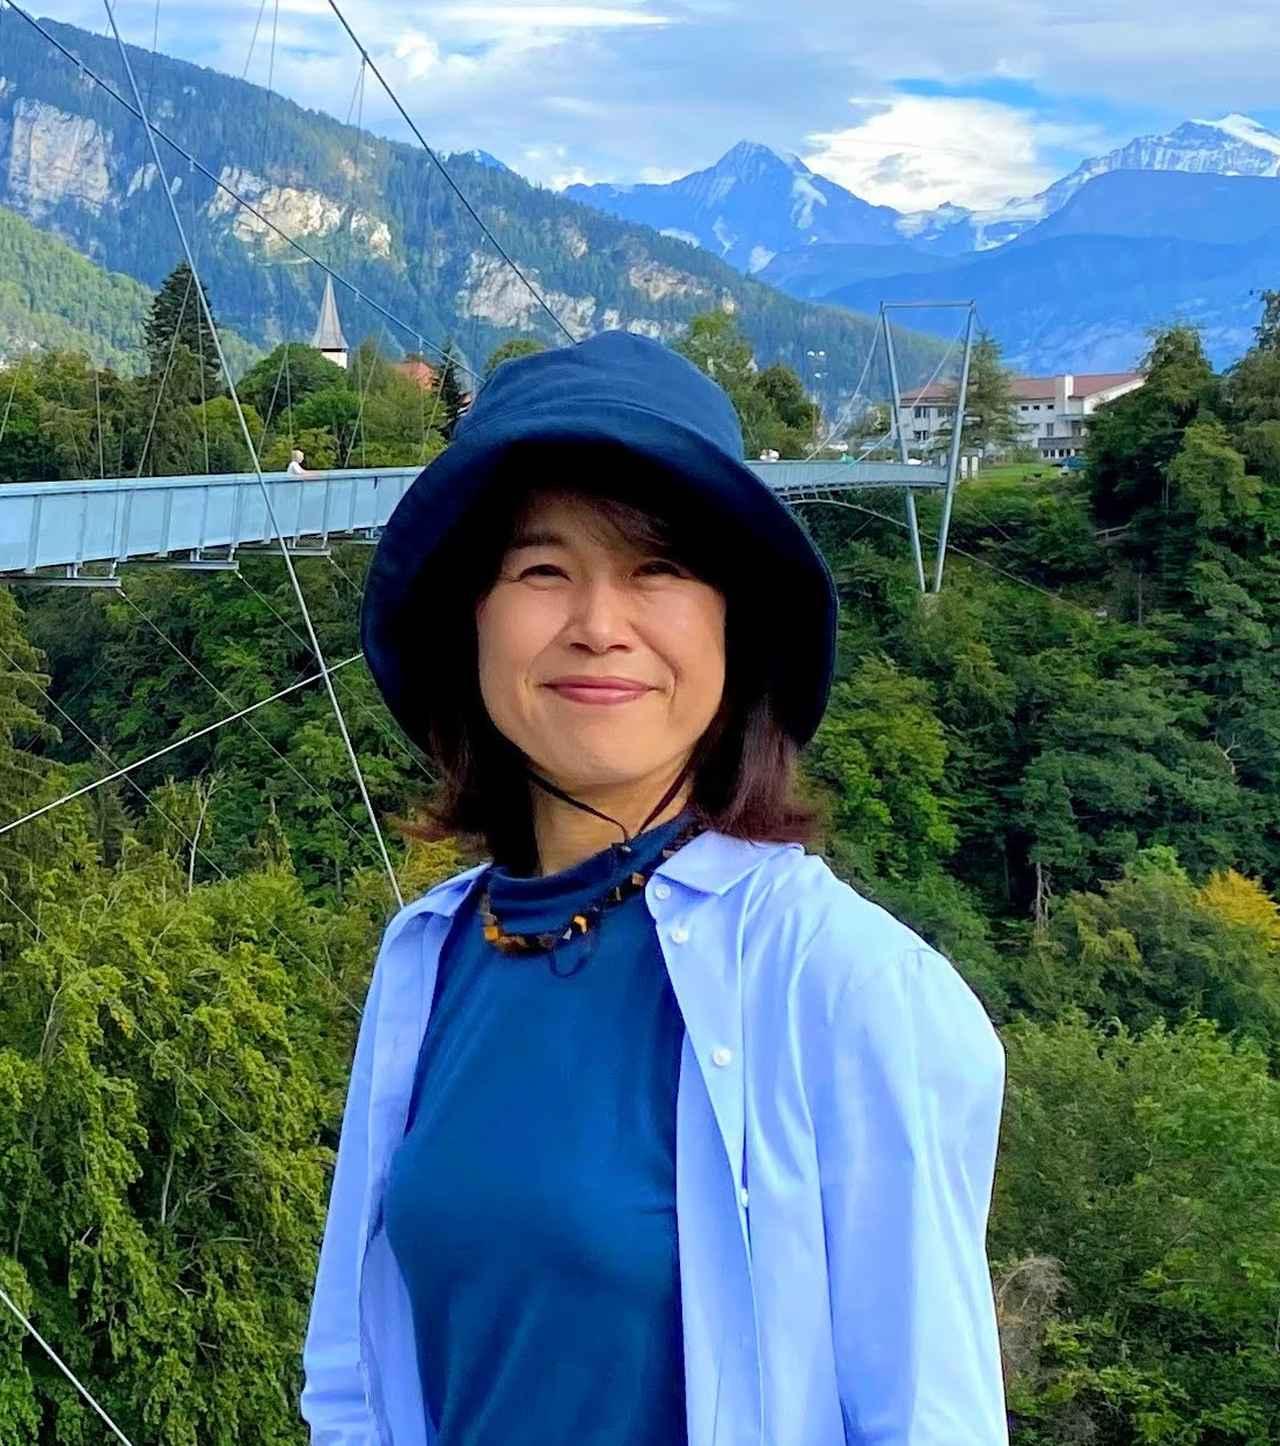 画像1: 【スイス】オンラインツアー開催しました『日本語ガイドが生解説!人気のスイスハイキングコースお散歩気分』